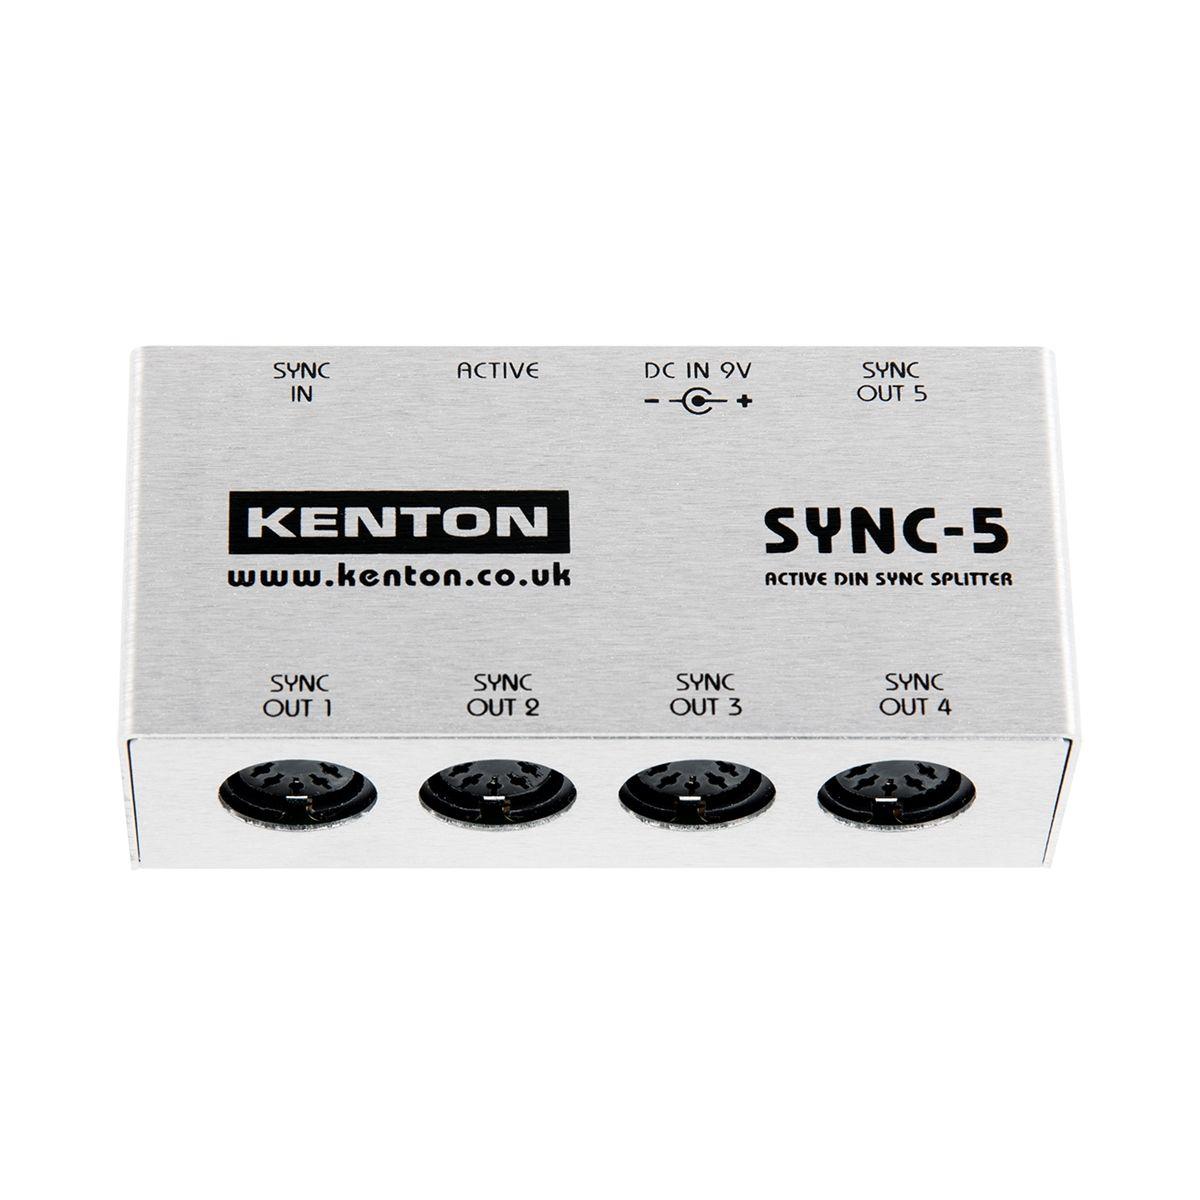 Kenton ElectronicsSYNC-5 DIN SYNC Thru Box